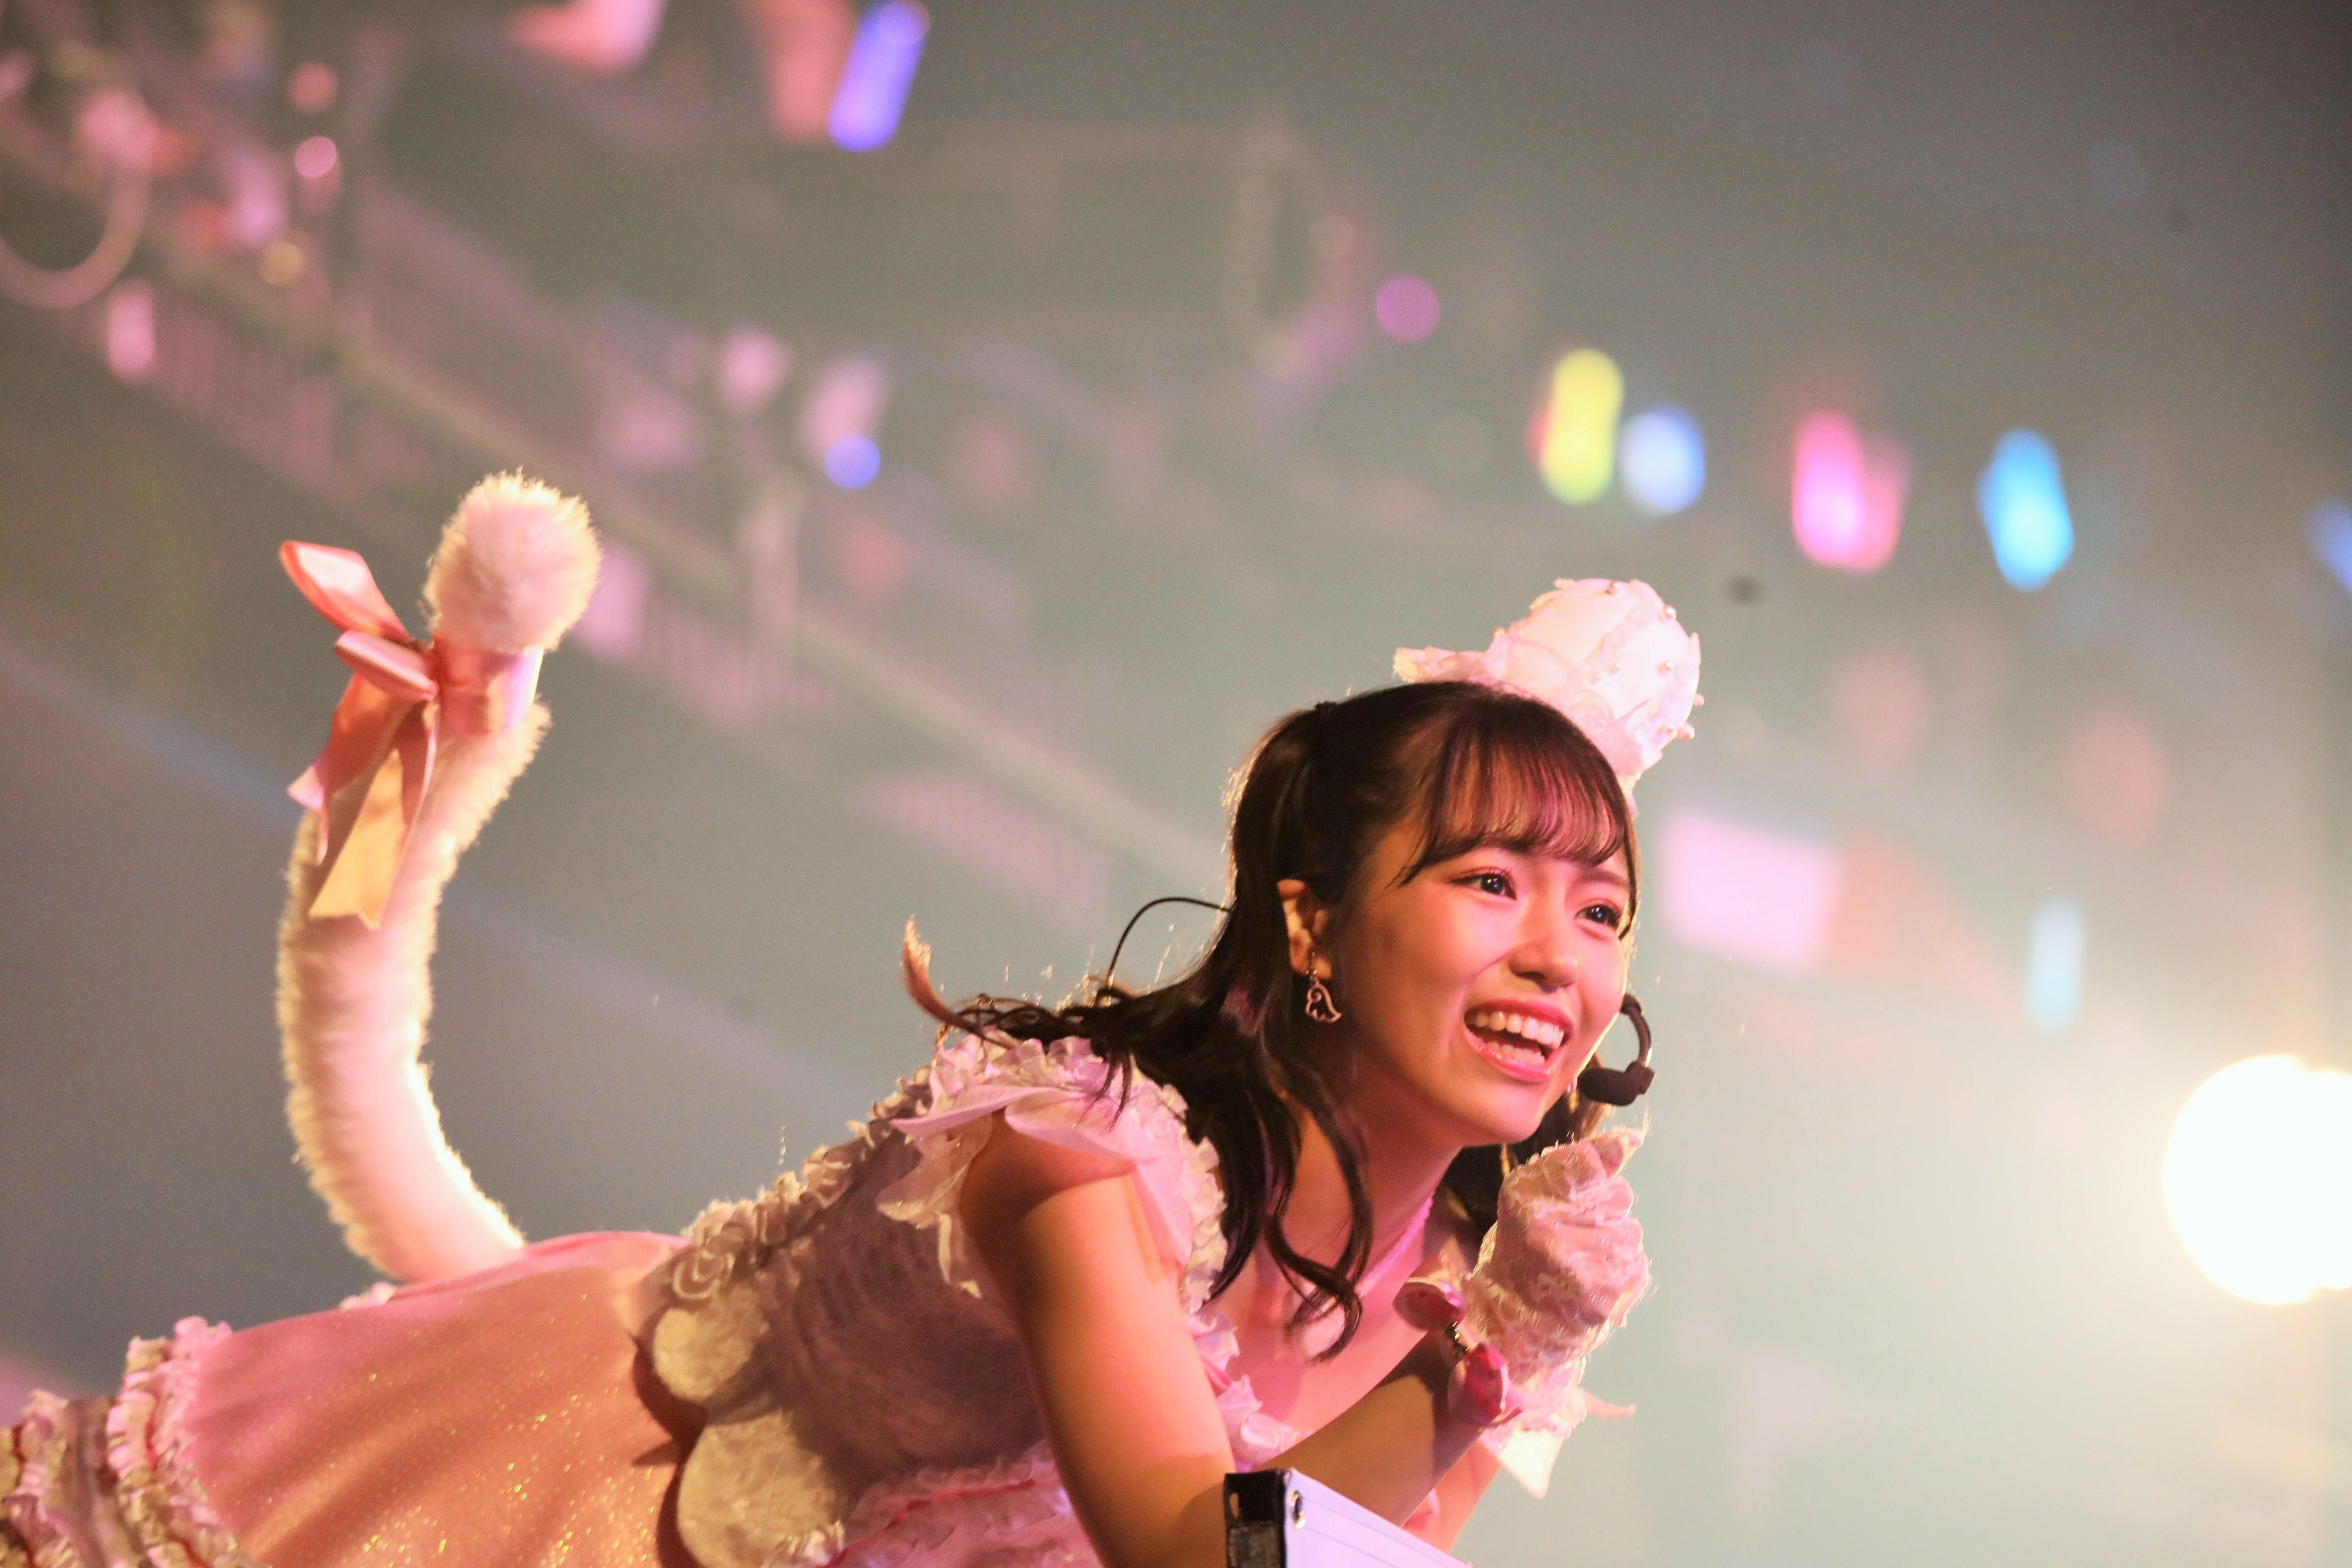 『天使のしっぽ』を披露するSTU48岩田陽菜